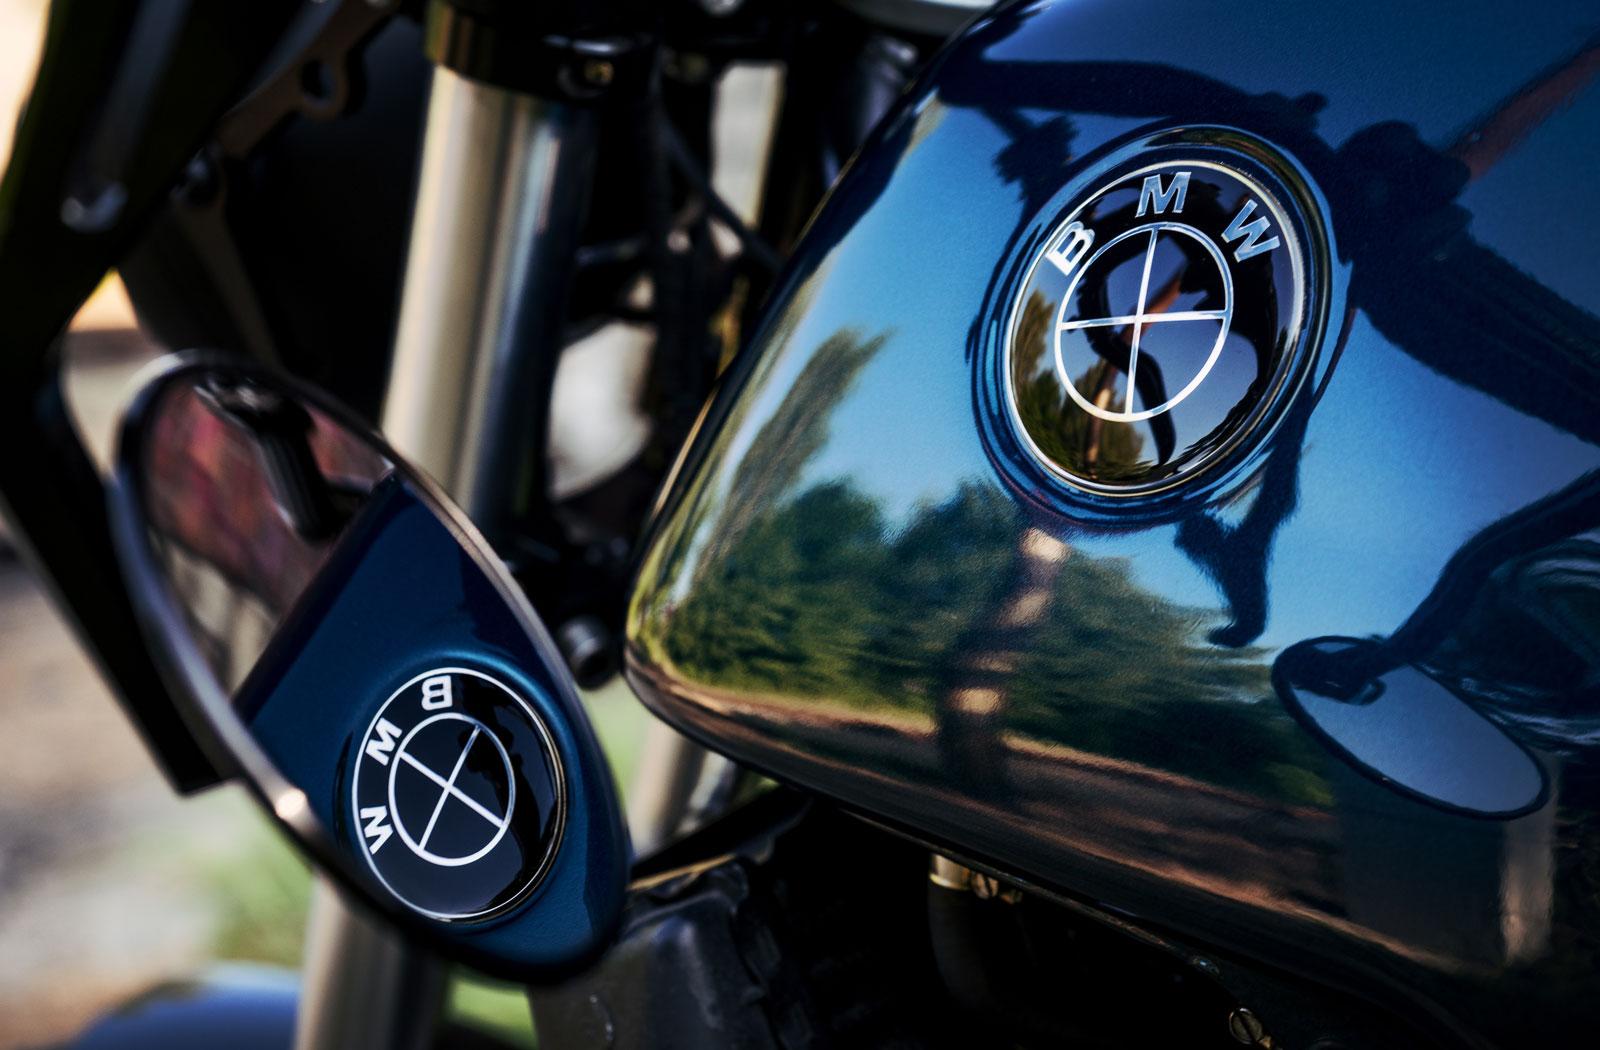 Blackout Customs BMW K100RT